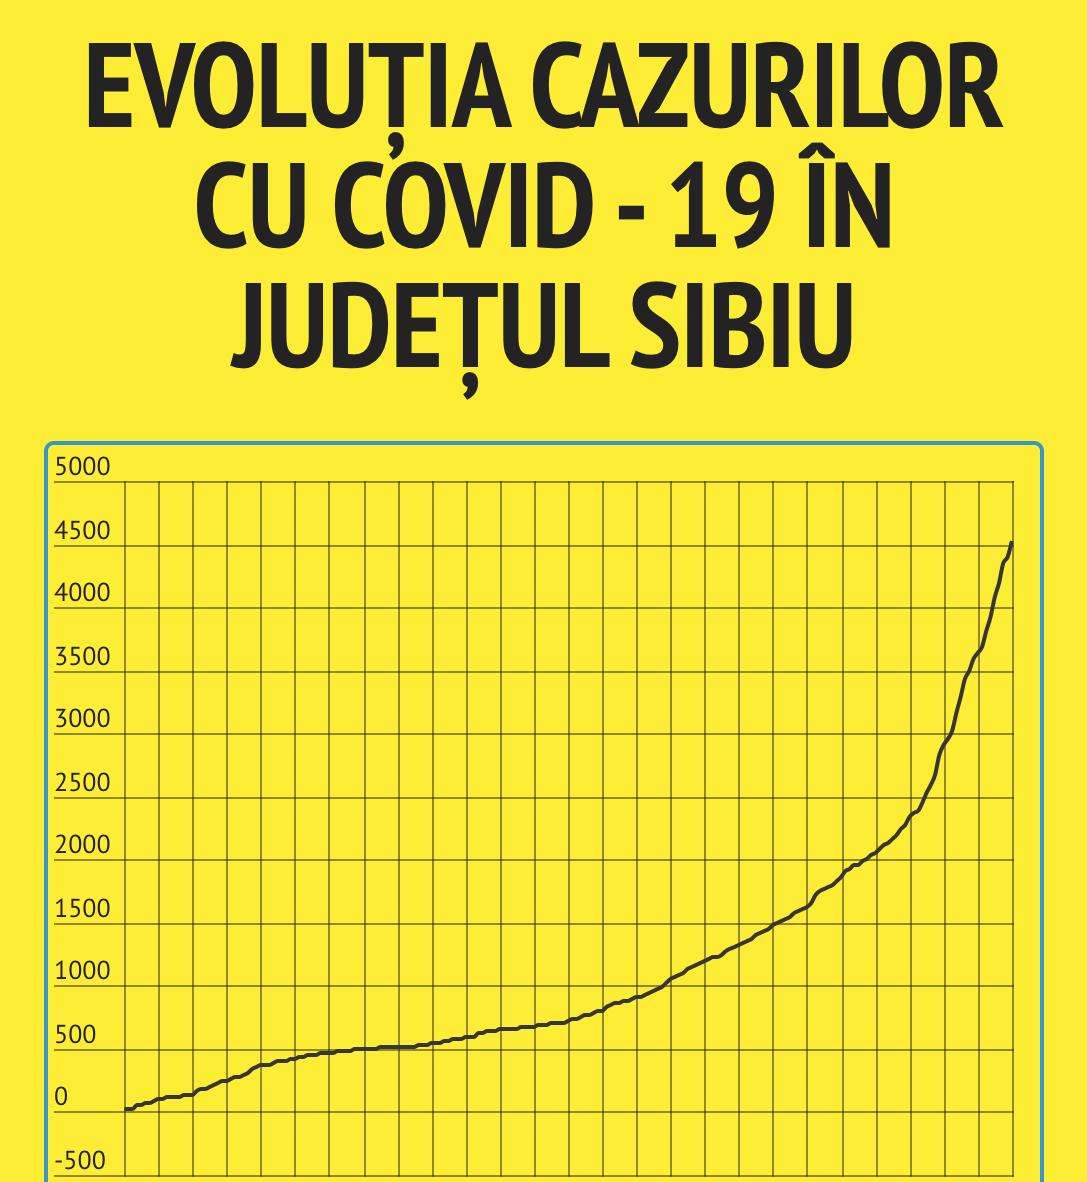 131 de cazuri noi în Sibiu. În această lună, 2,5 sibieni au decedat zilnic în urma infecției cu nou coronavirus